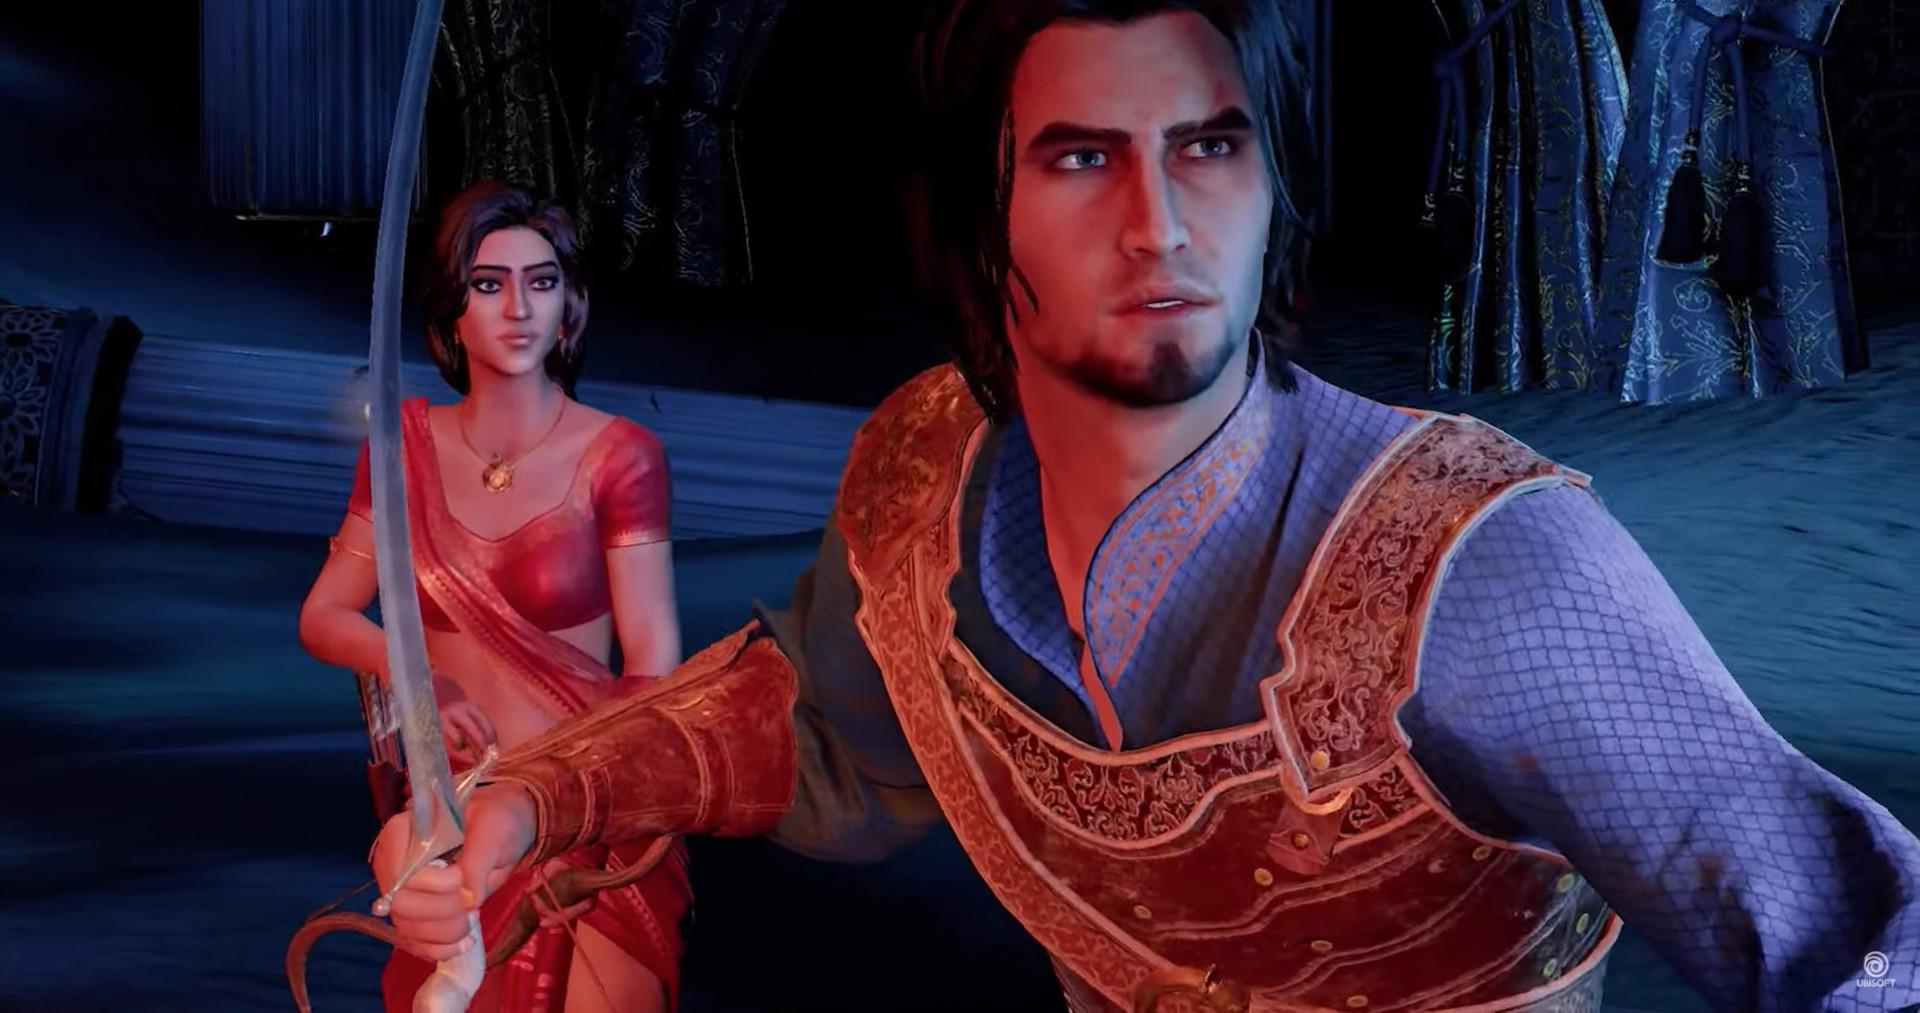 Prince of persia remake foi um dos títulos anunciados no ubisoft forward